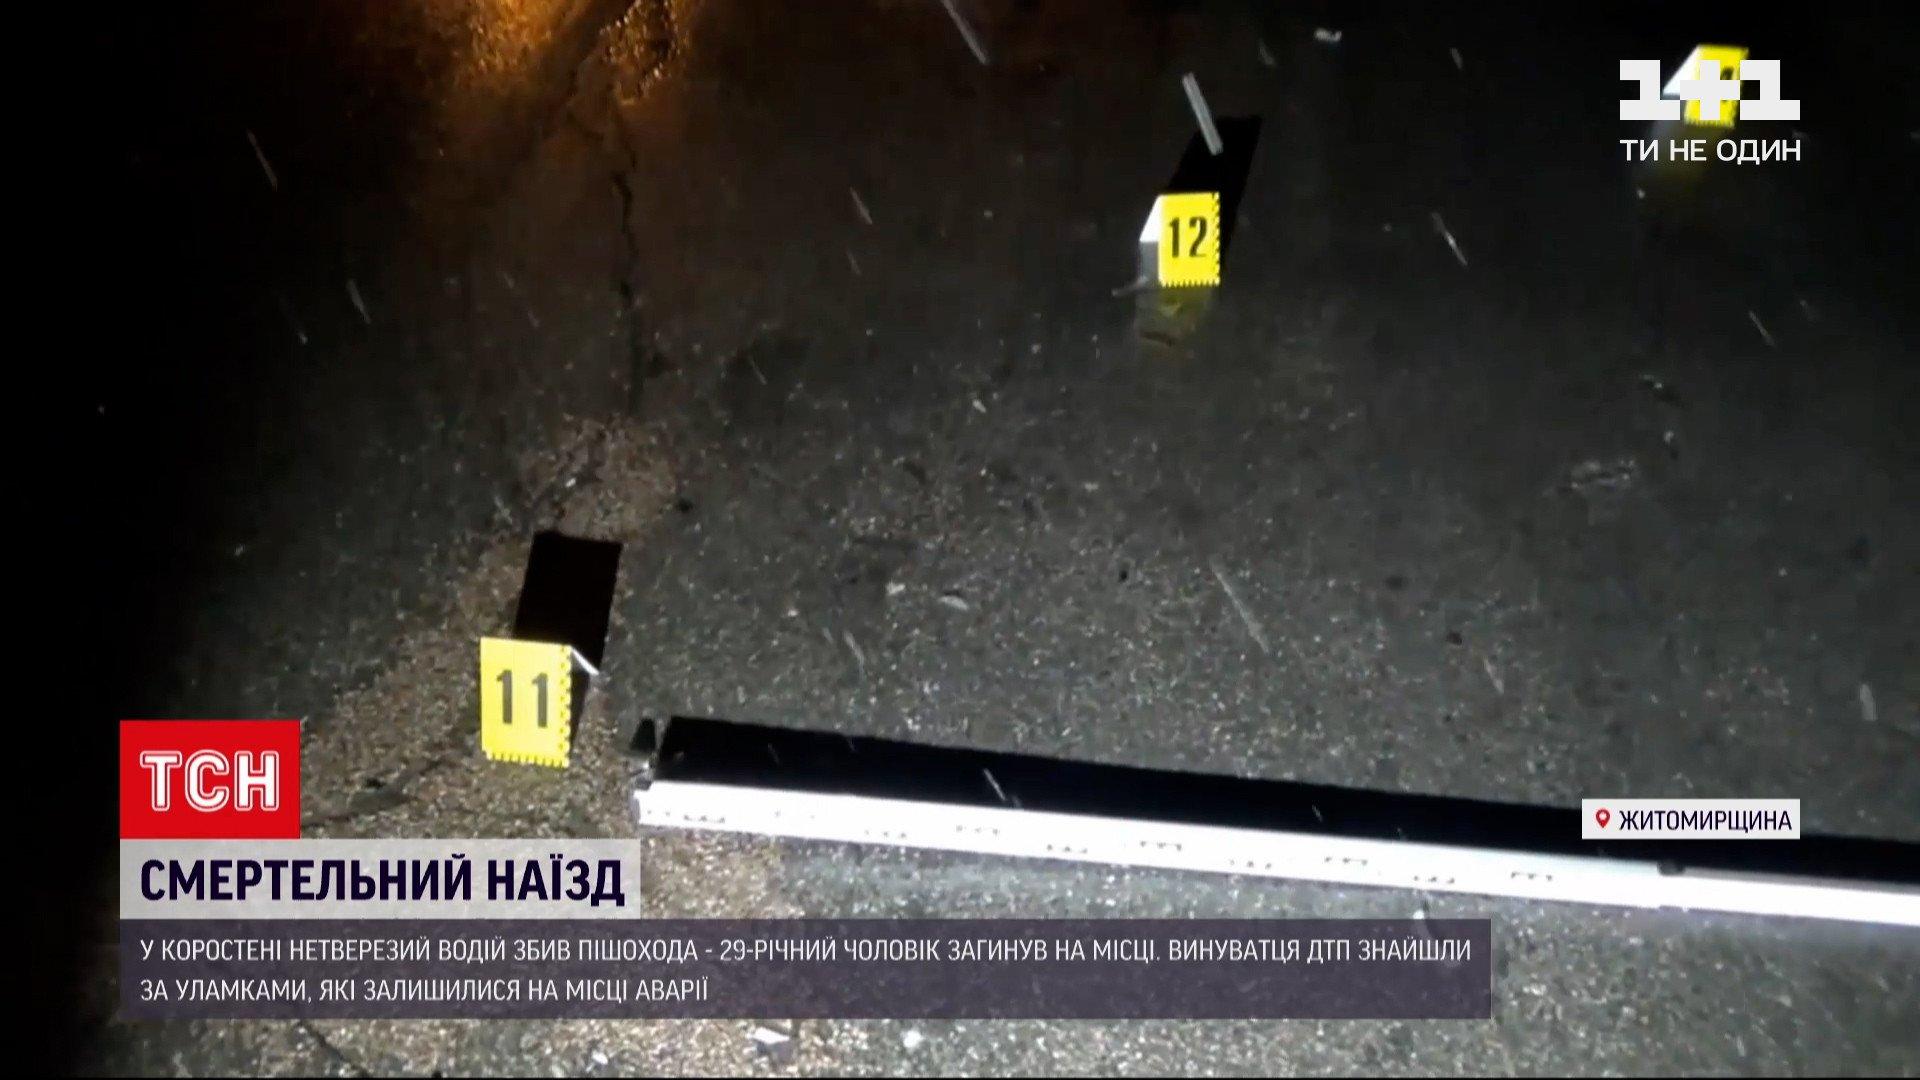 35-летний водитель был в состоянии опьянения и утверждал, что не разминулся со столбом / скриншот из видео